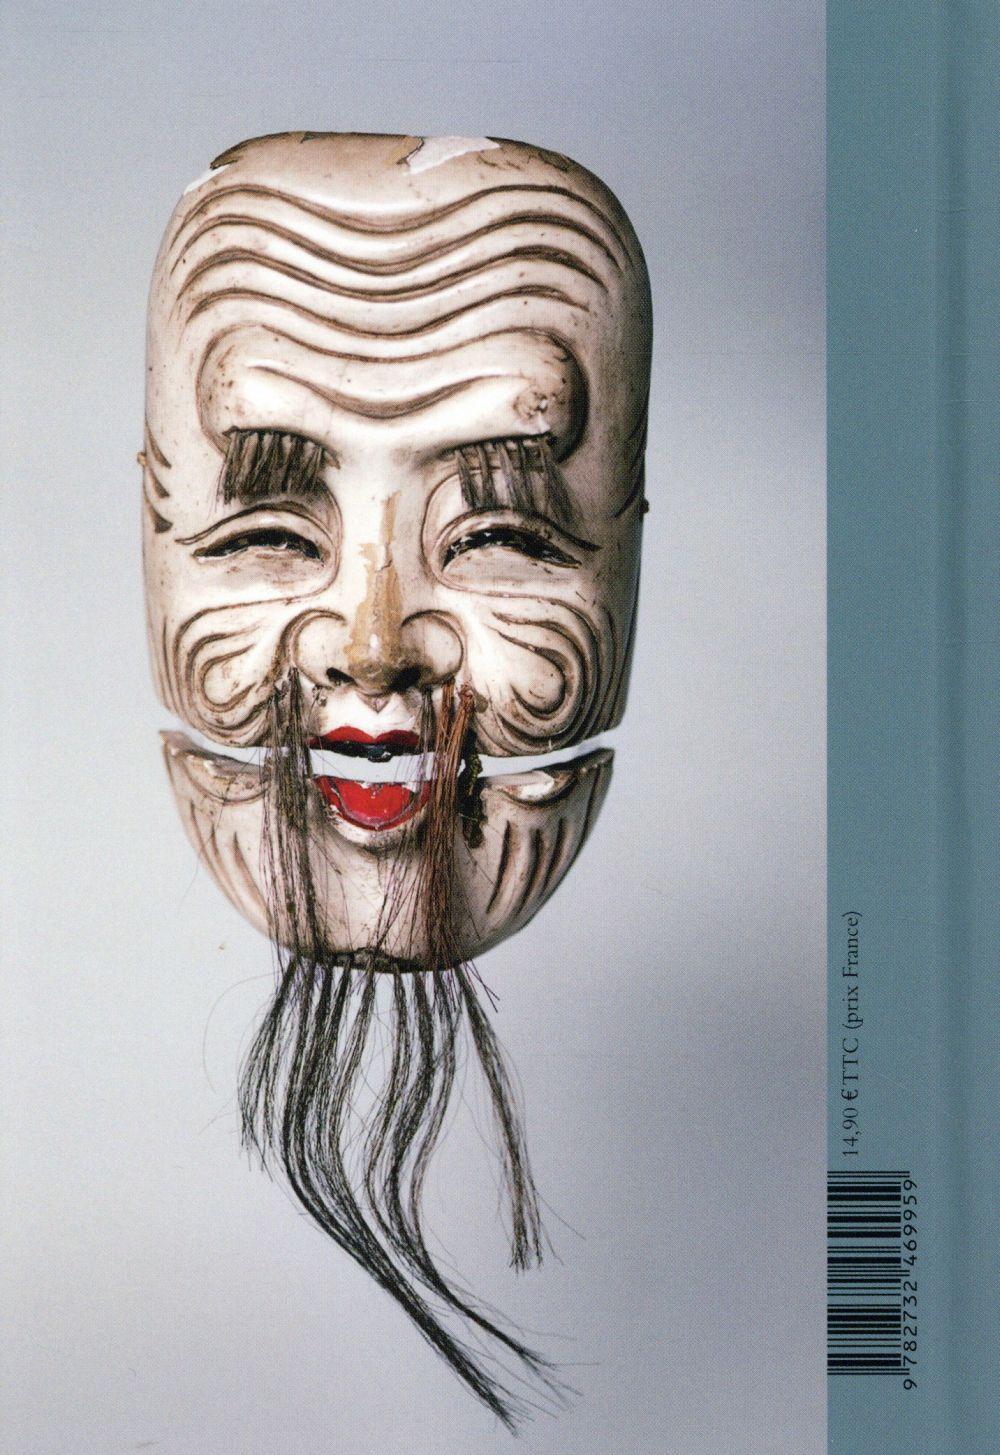 Trésors de masques du Musée du quai Branly